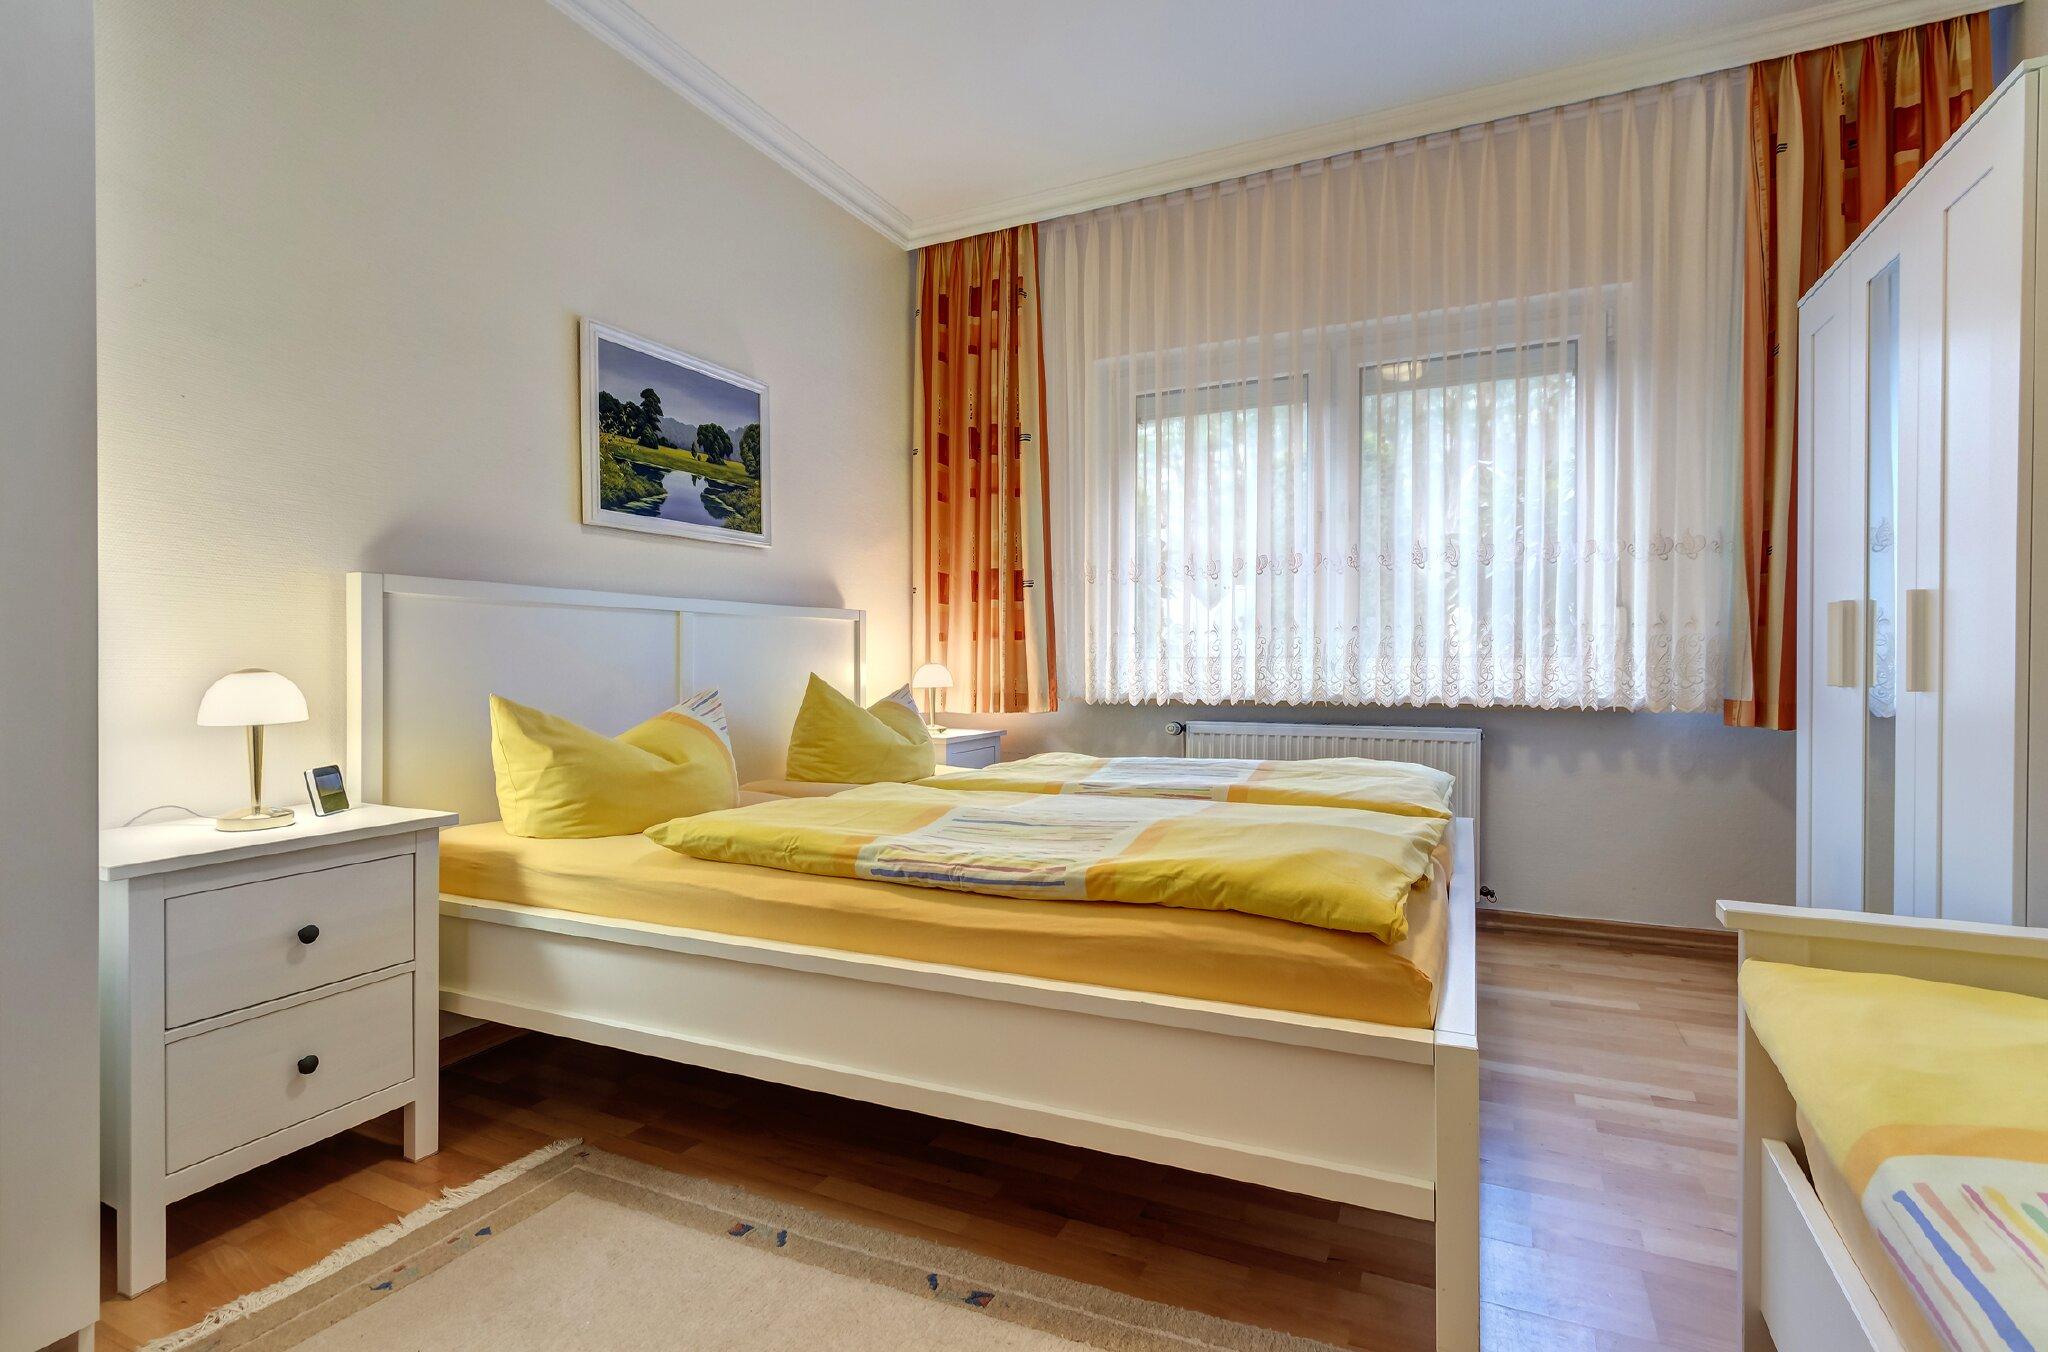 Schlafzimmer mit Doppel- u. Einzelbett